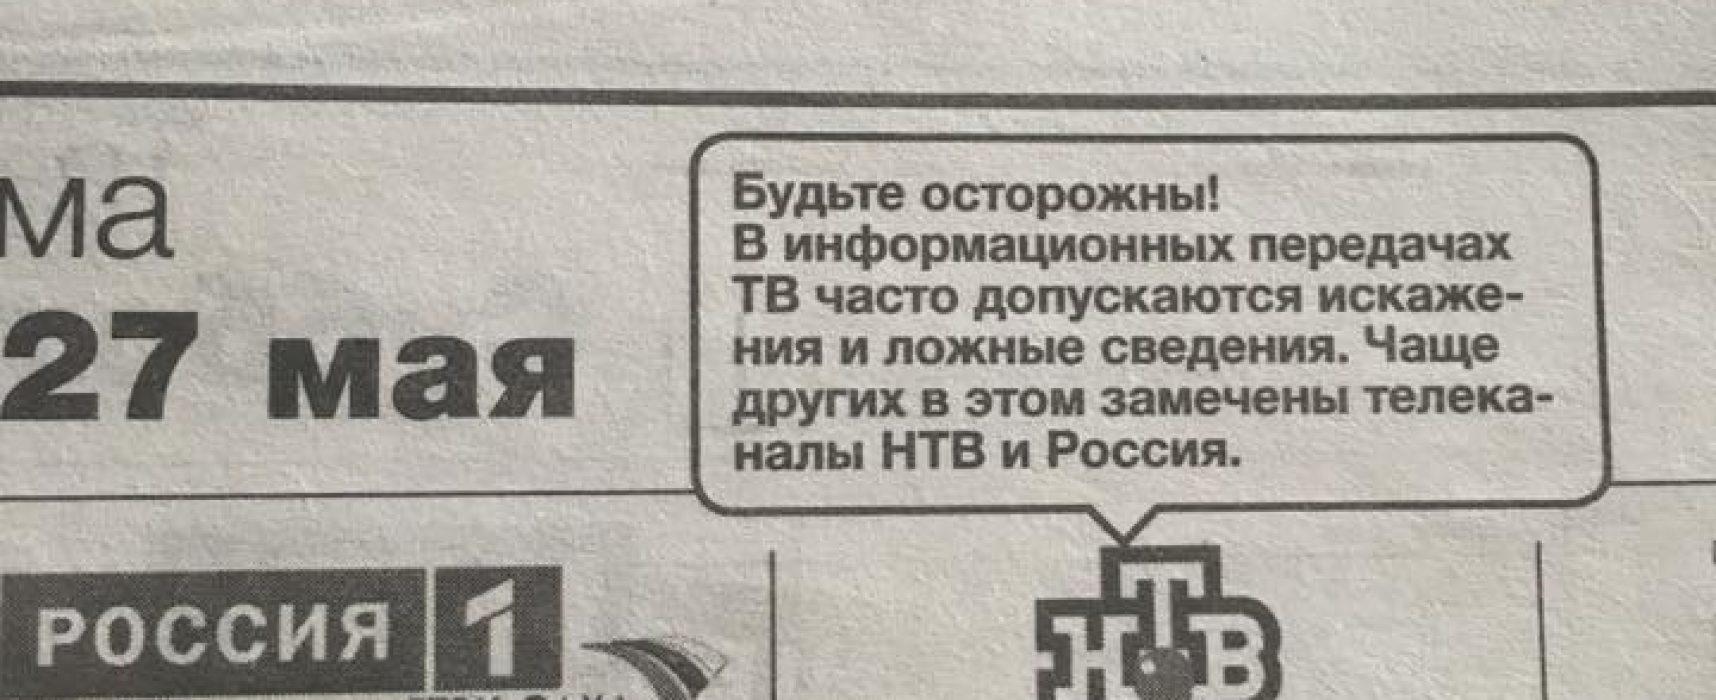 Якутская газета предупредила читателей о «ложных сведениях» на центральных телеканалах